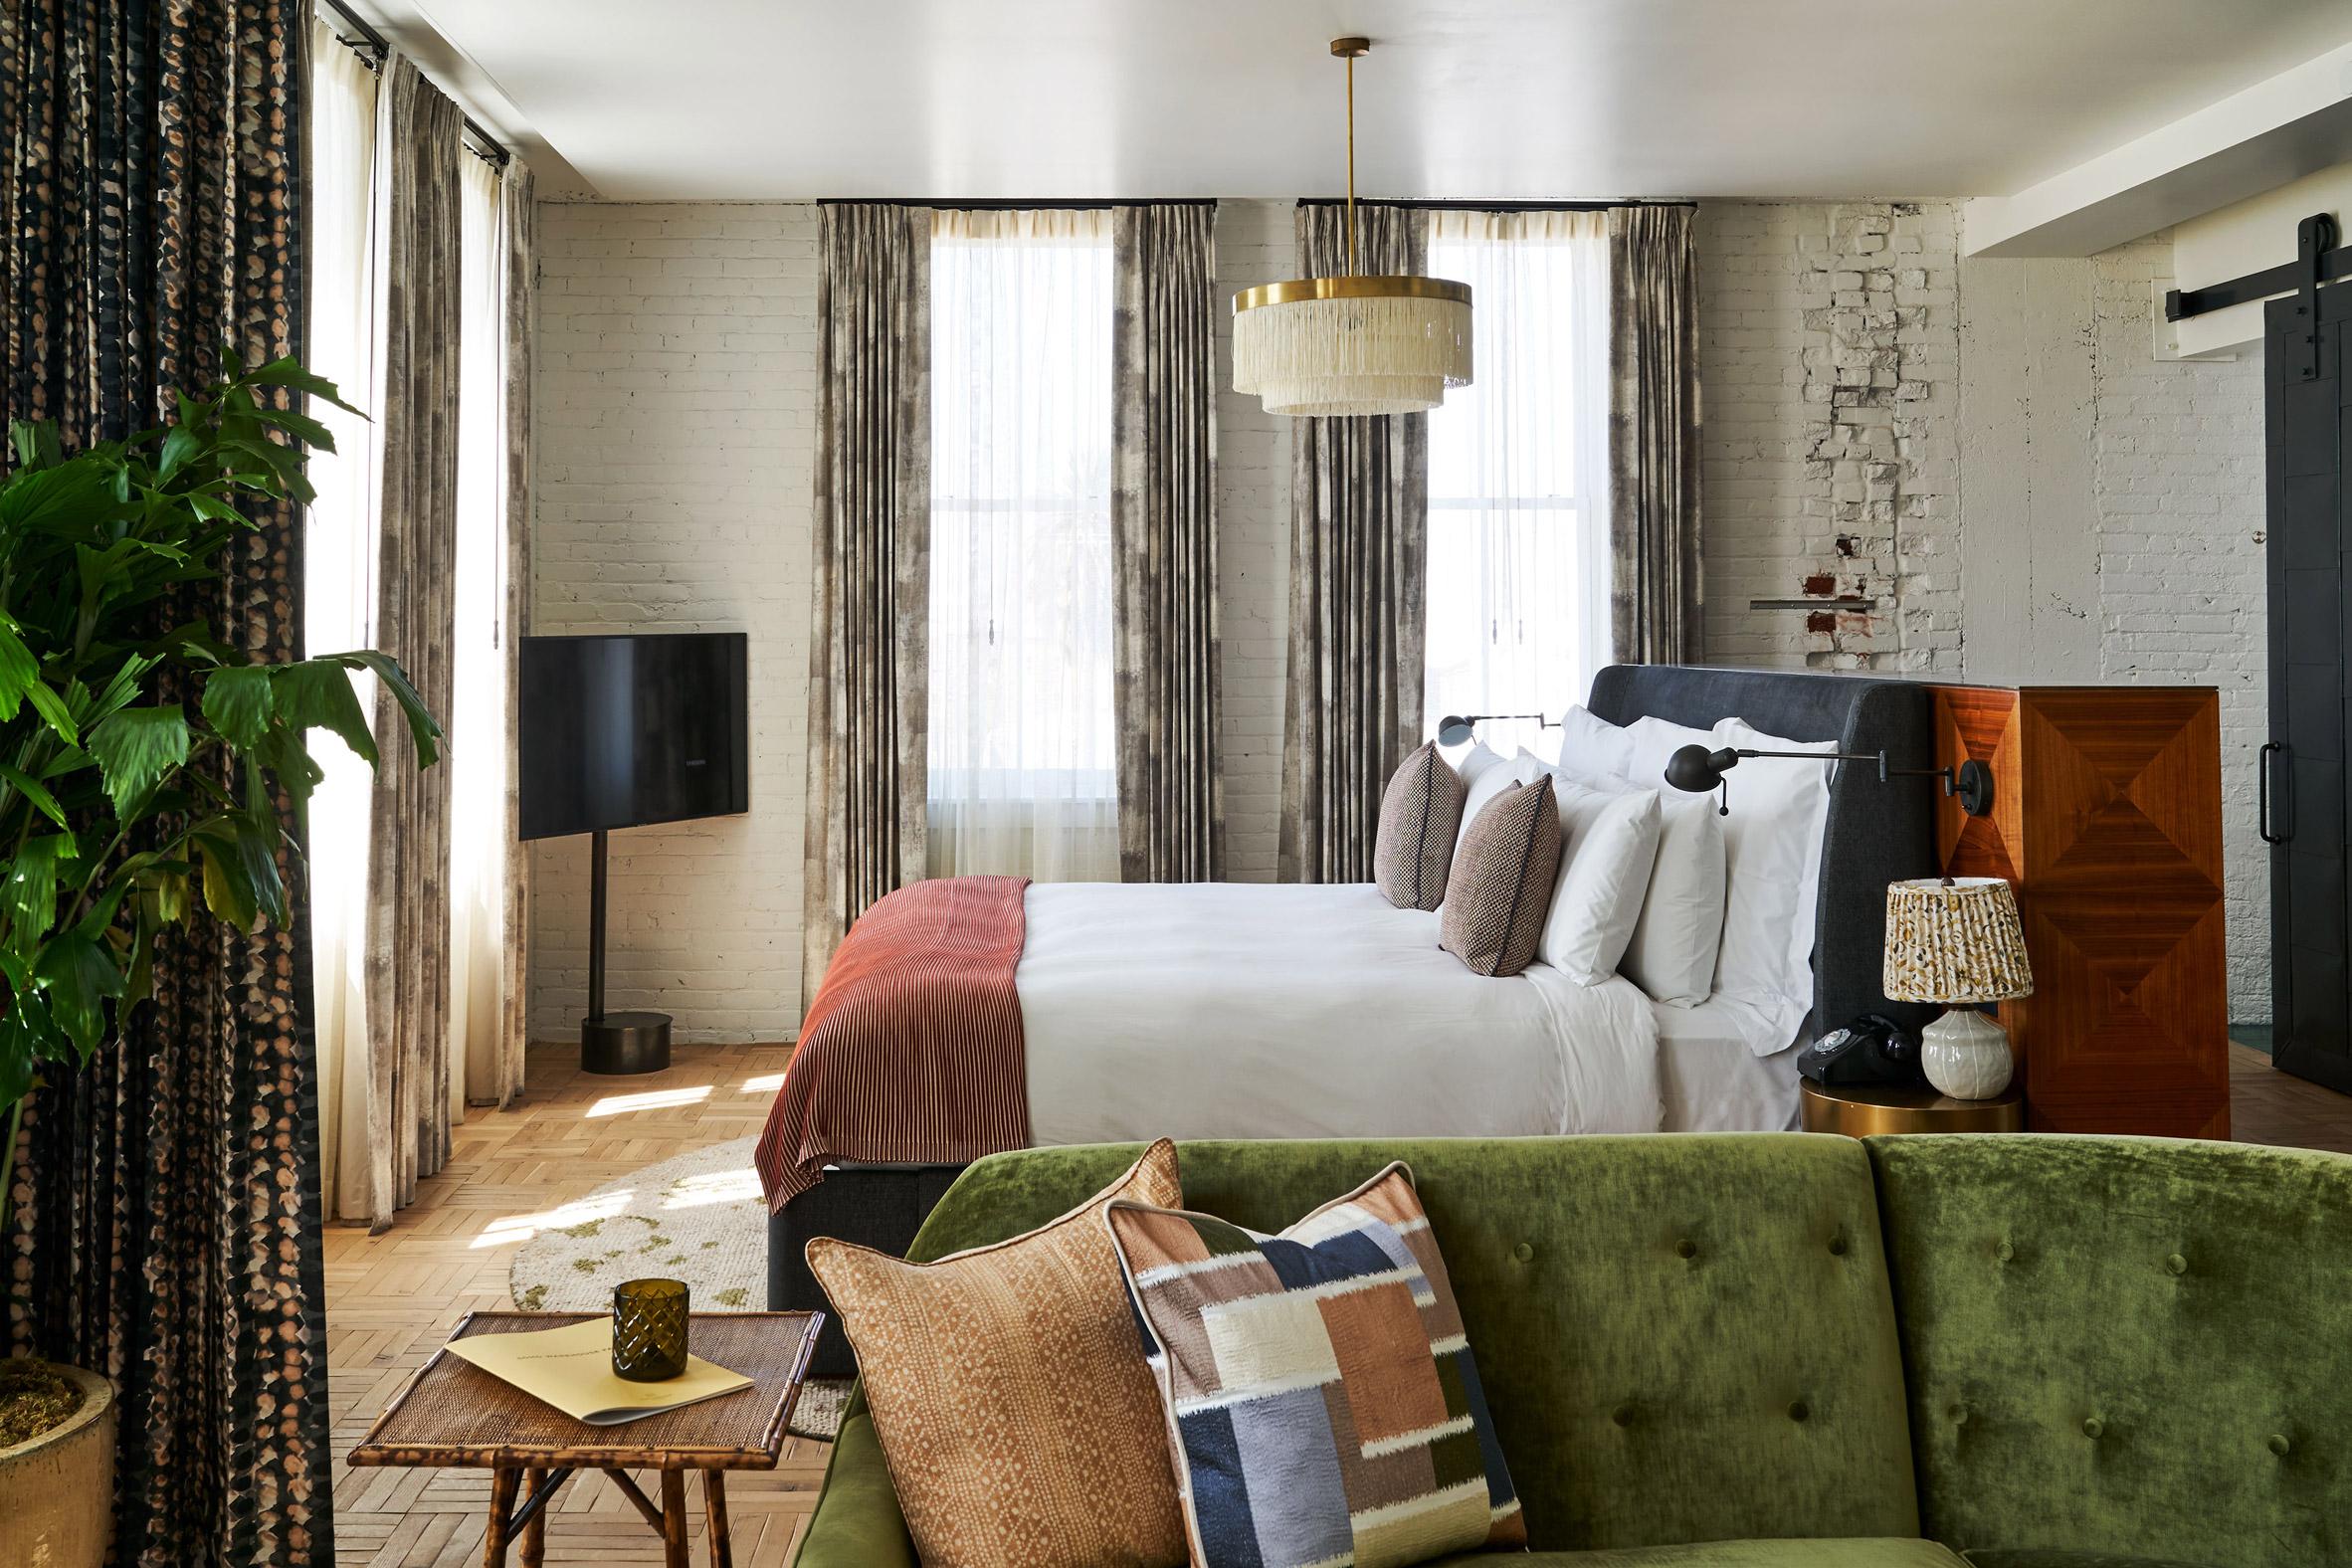 Thiết kế nội thất nhà hàng khách sạn 5